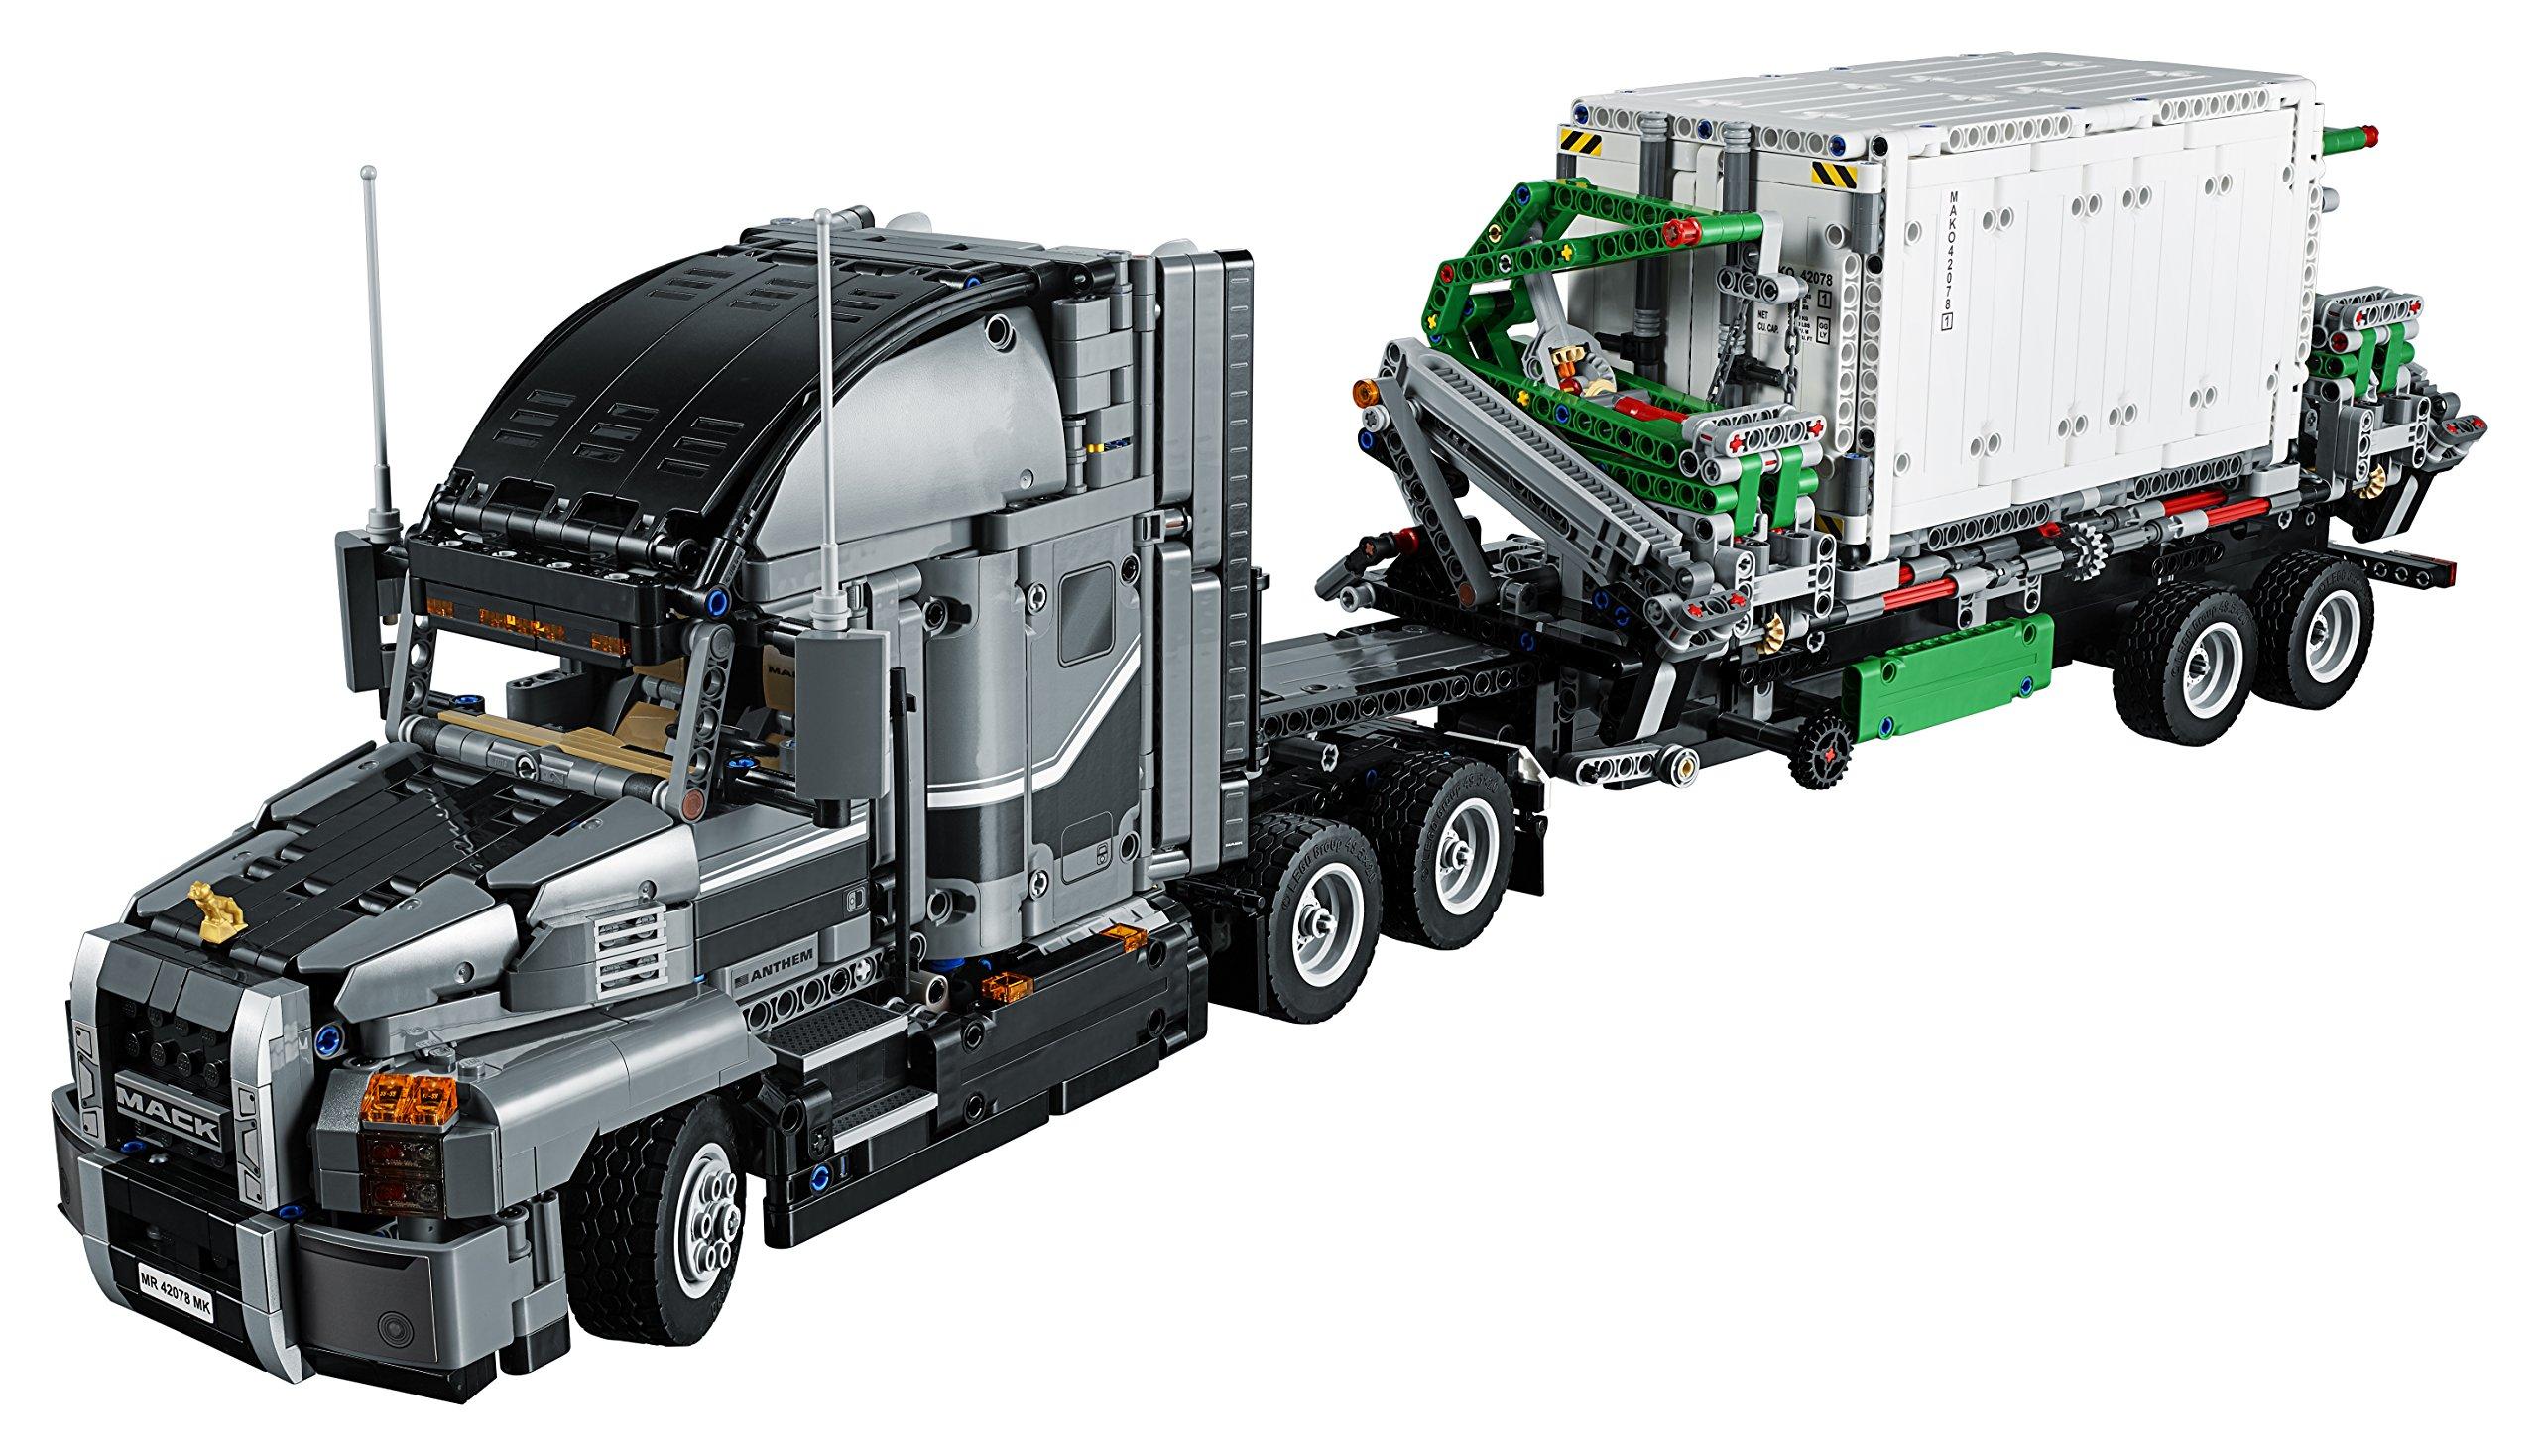 display case for Lego  Mack Anthem 42078 Australia Top Rated Seller DK